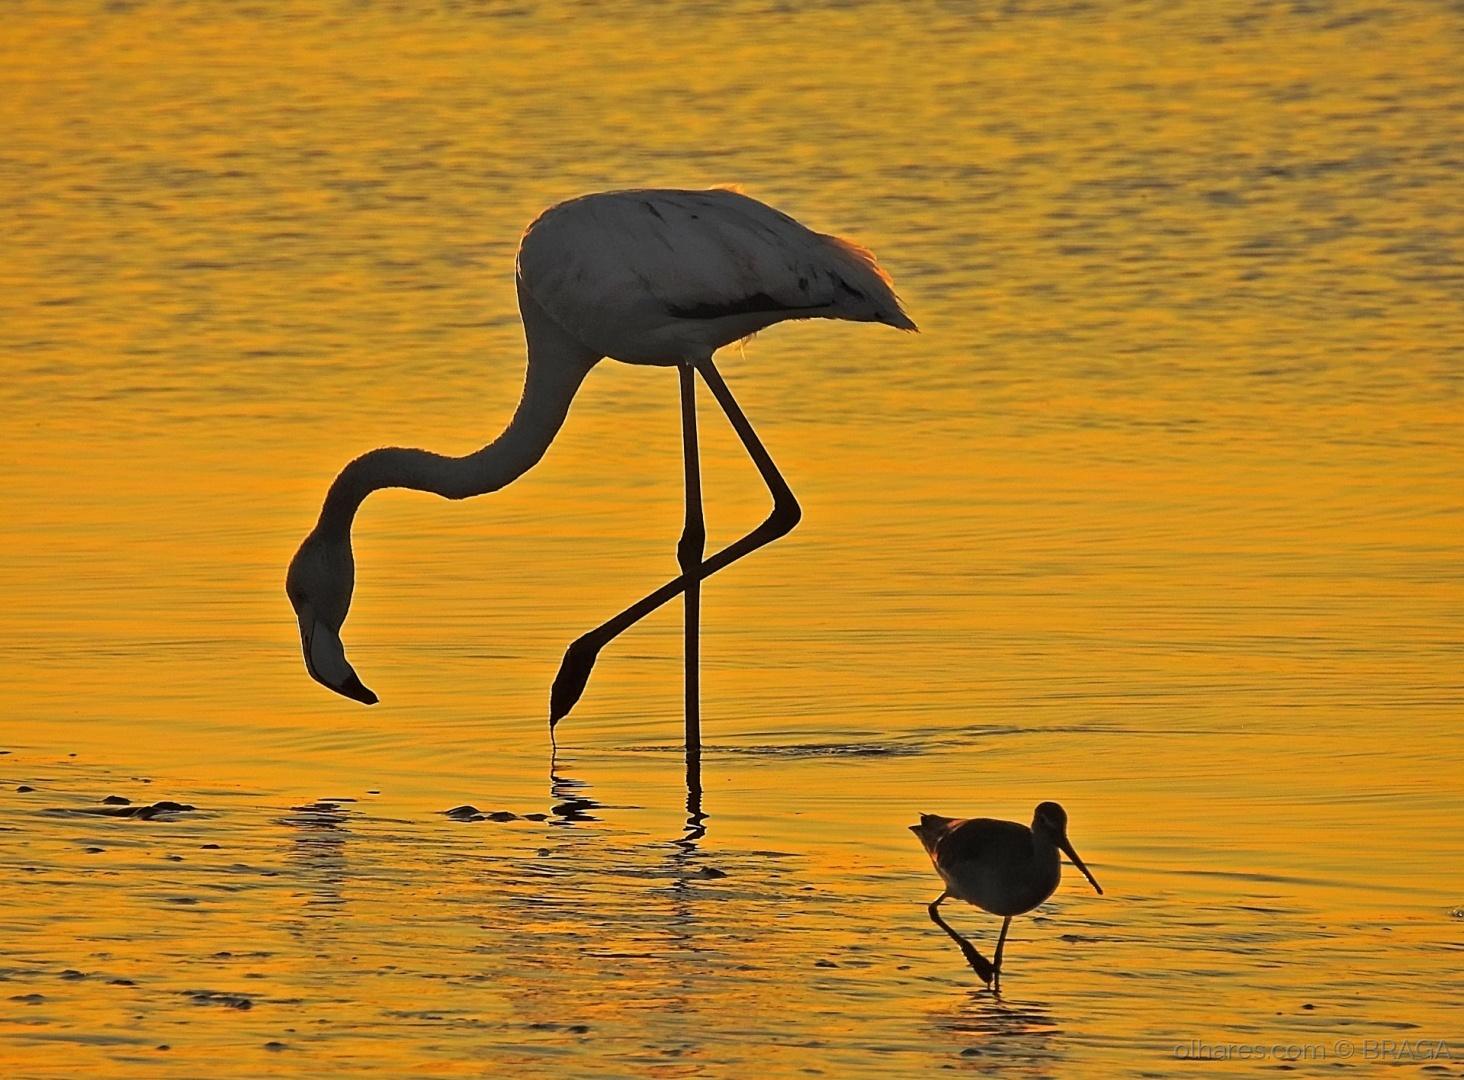 Animais/Flamingo ao Auroral (Nascer do Sol)